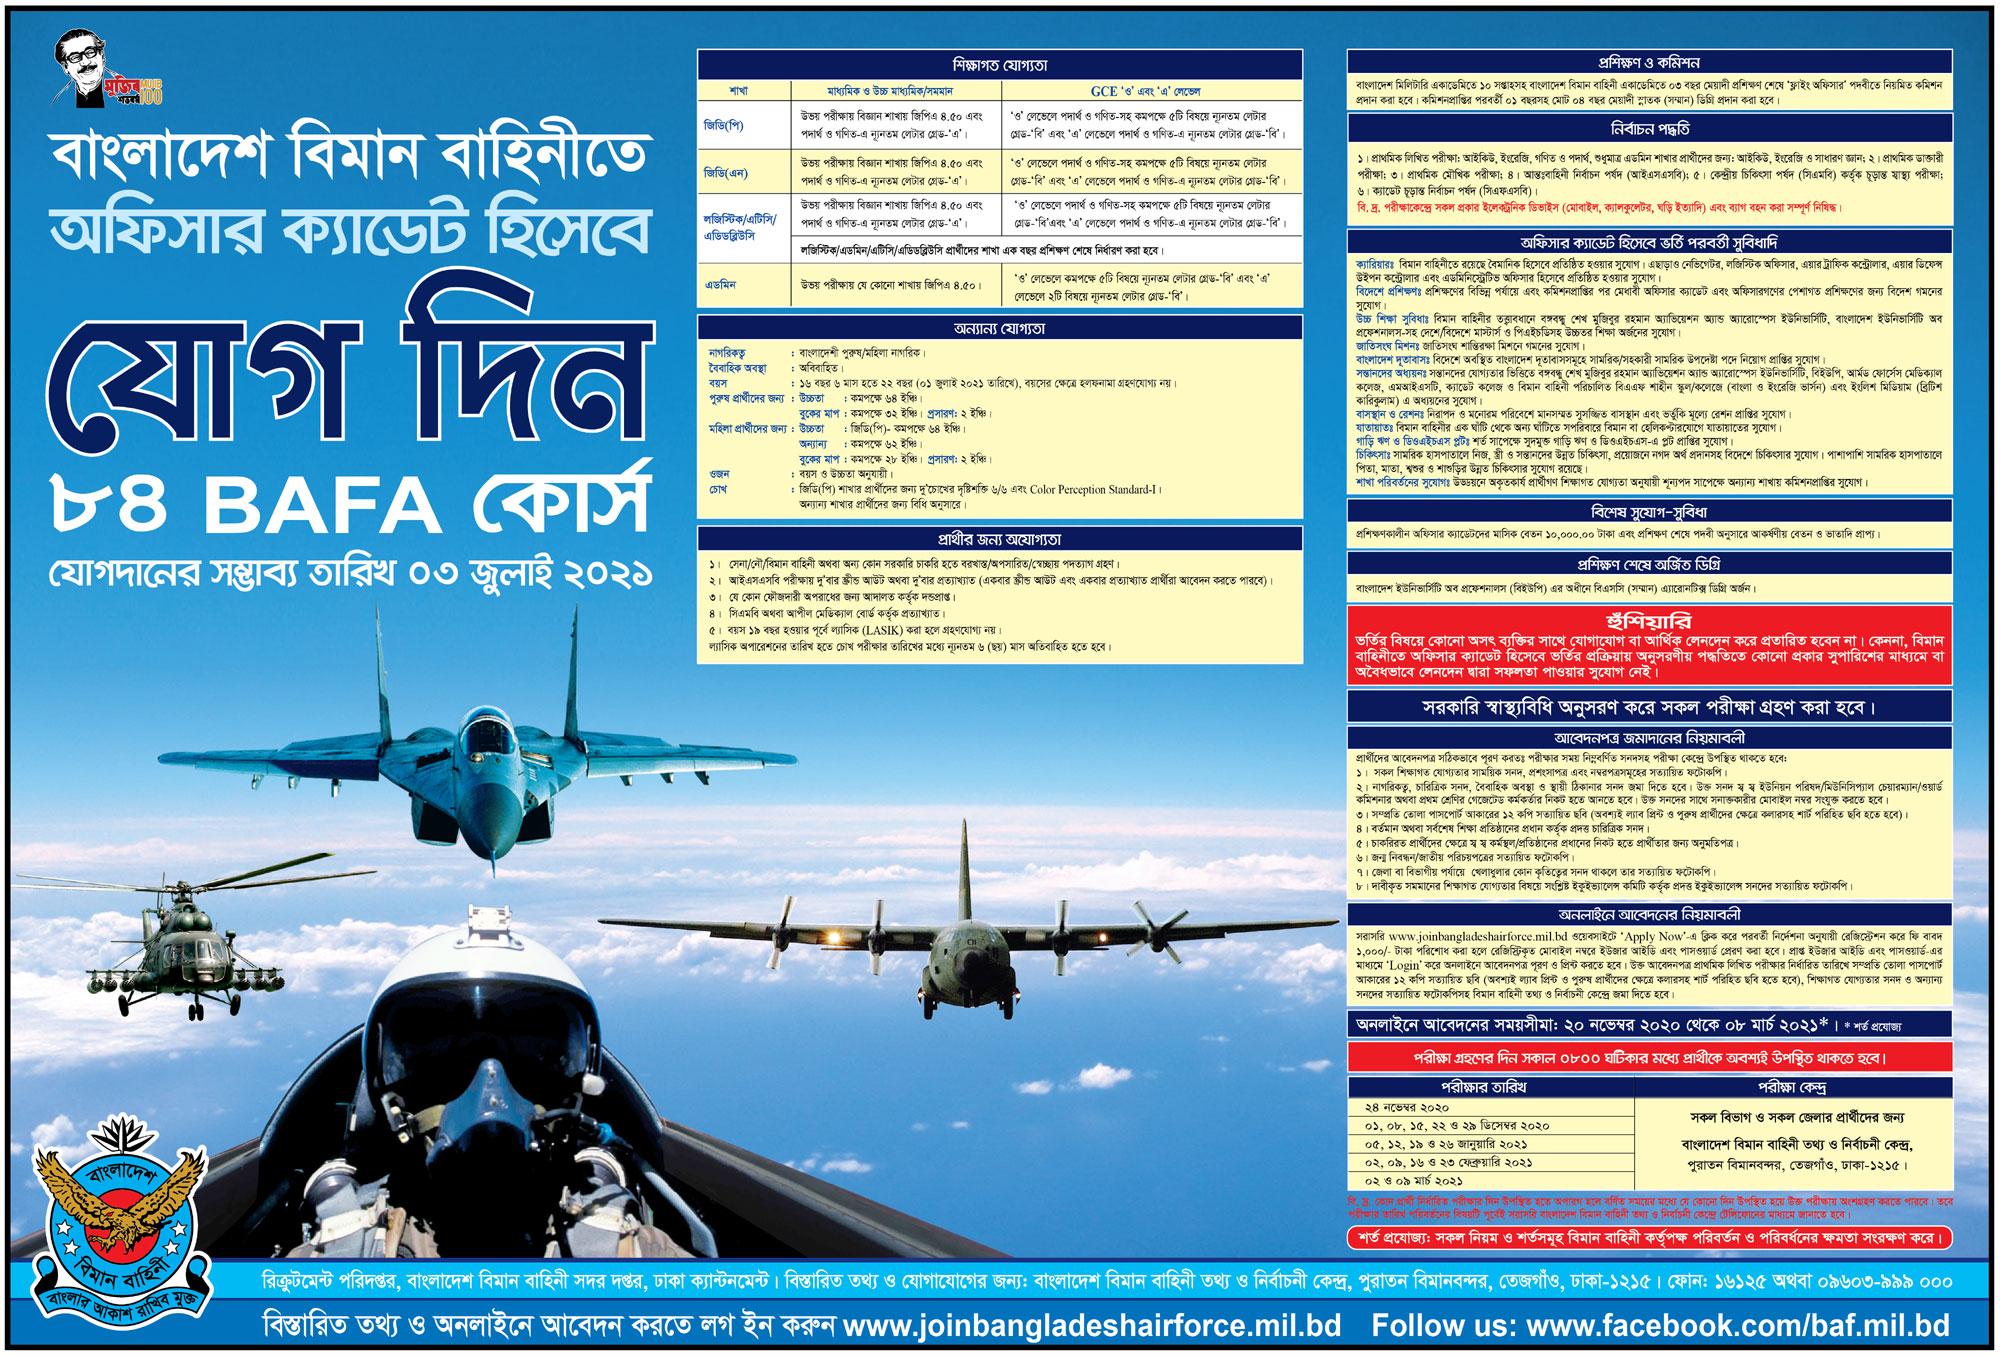 84 BAFA officer cadet job circular